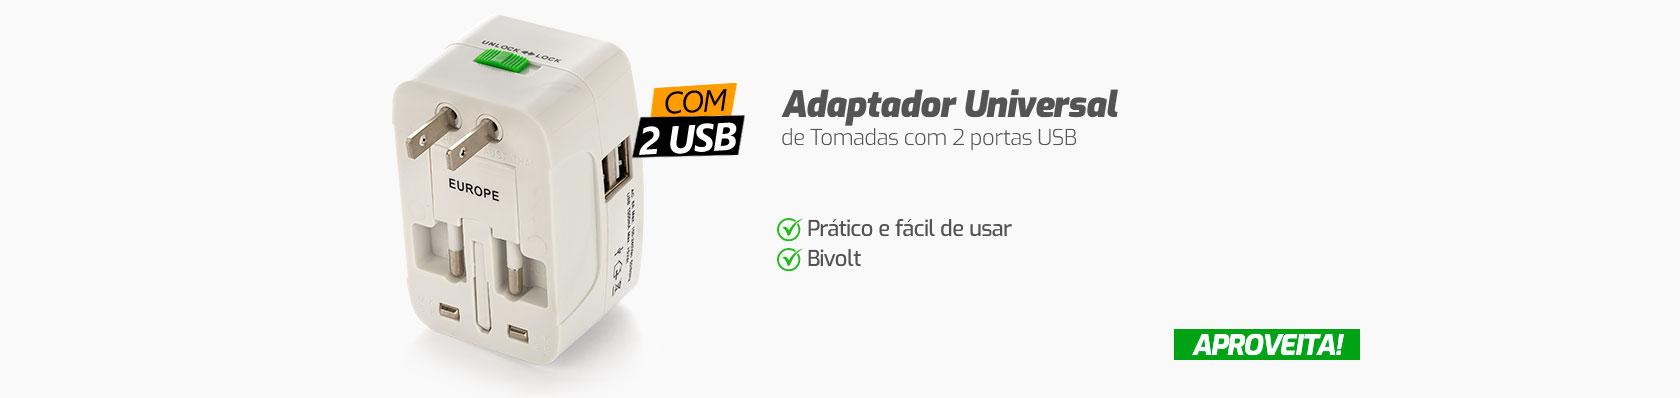 Adaptadores (1042453)